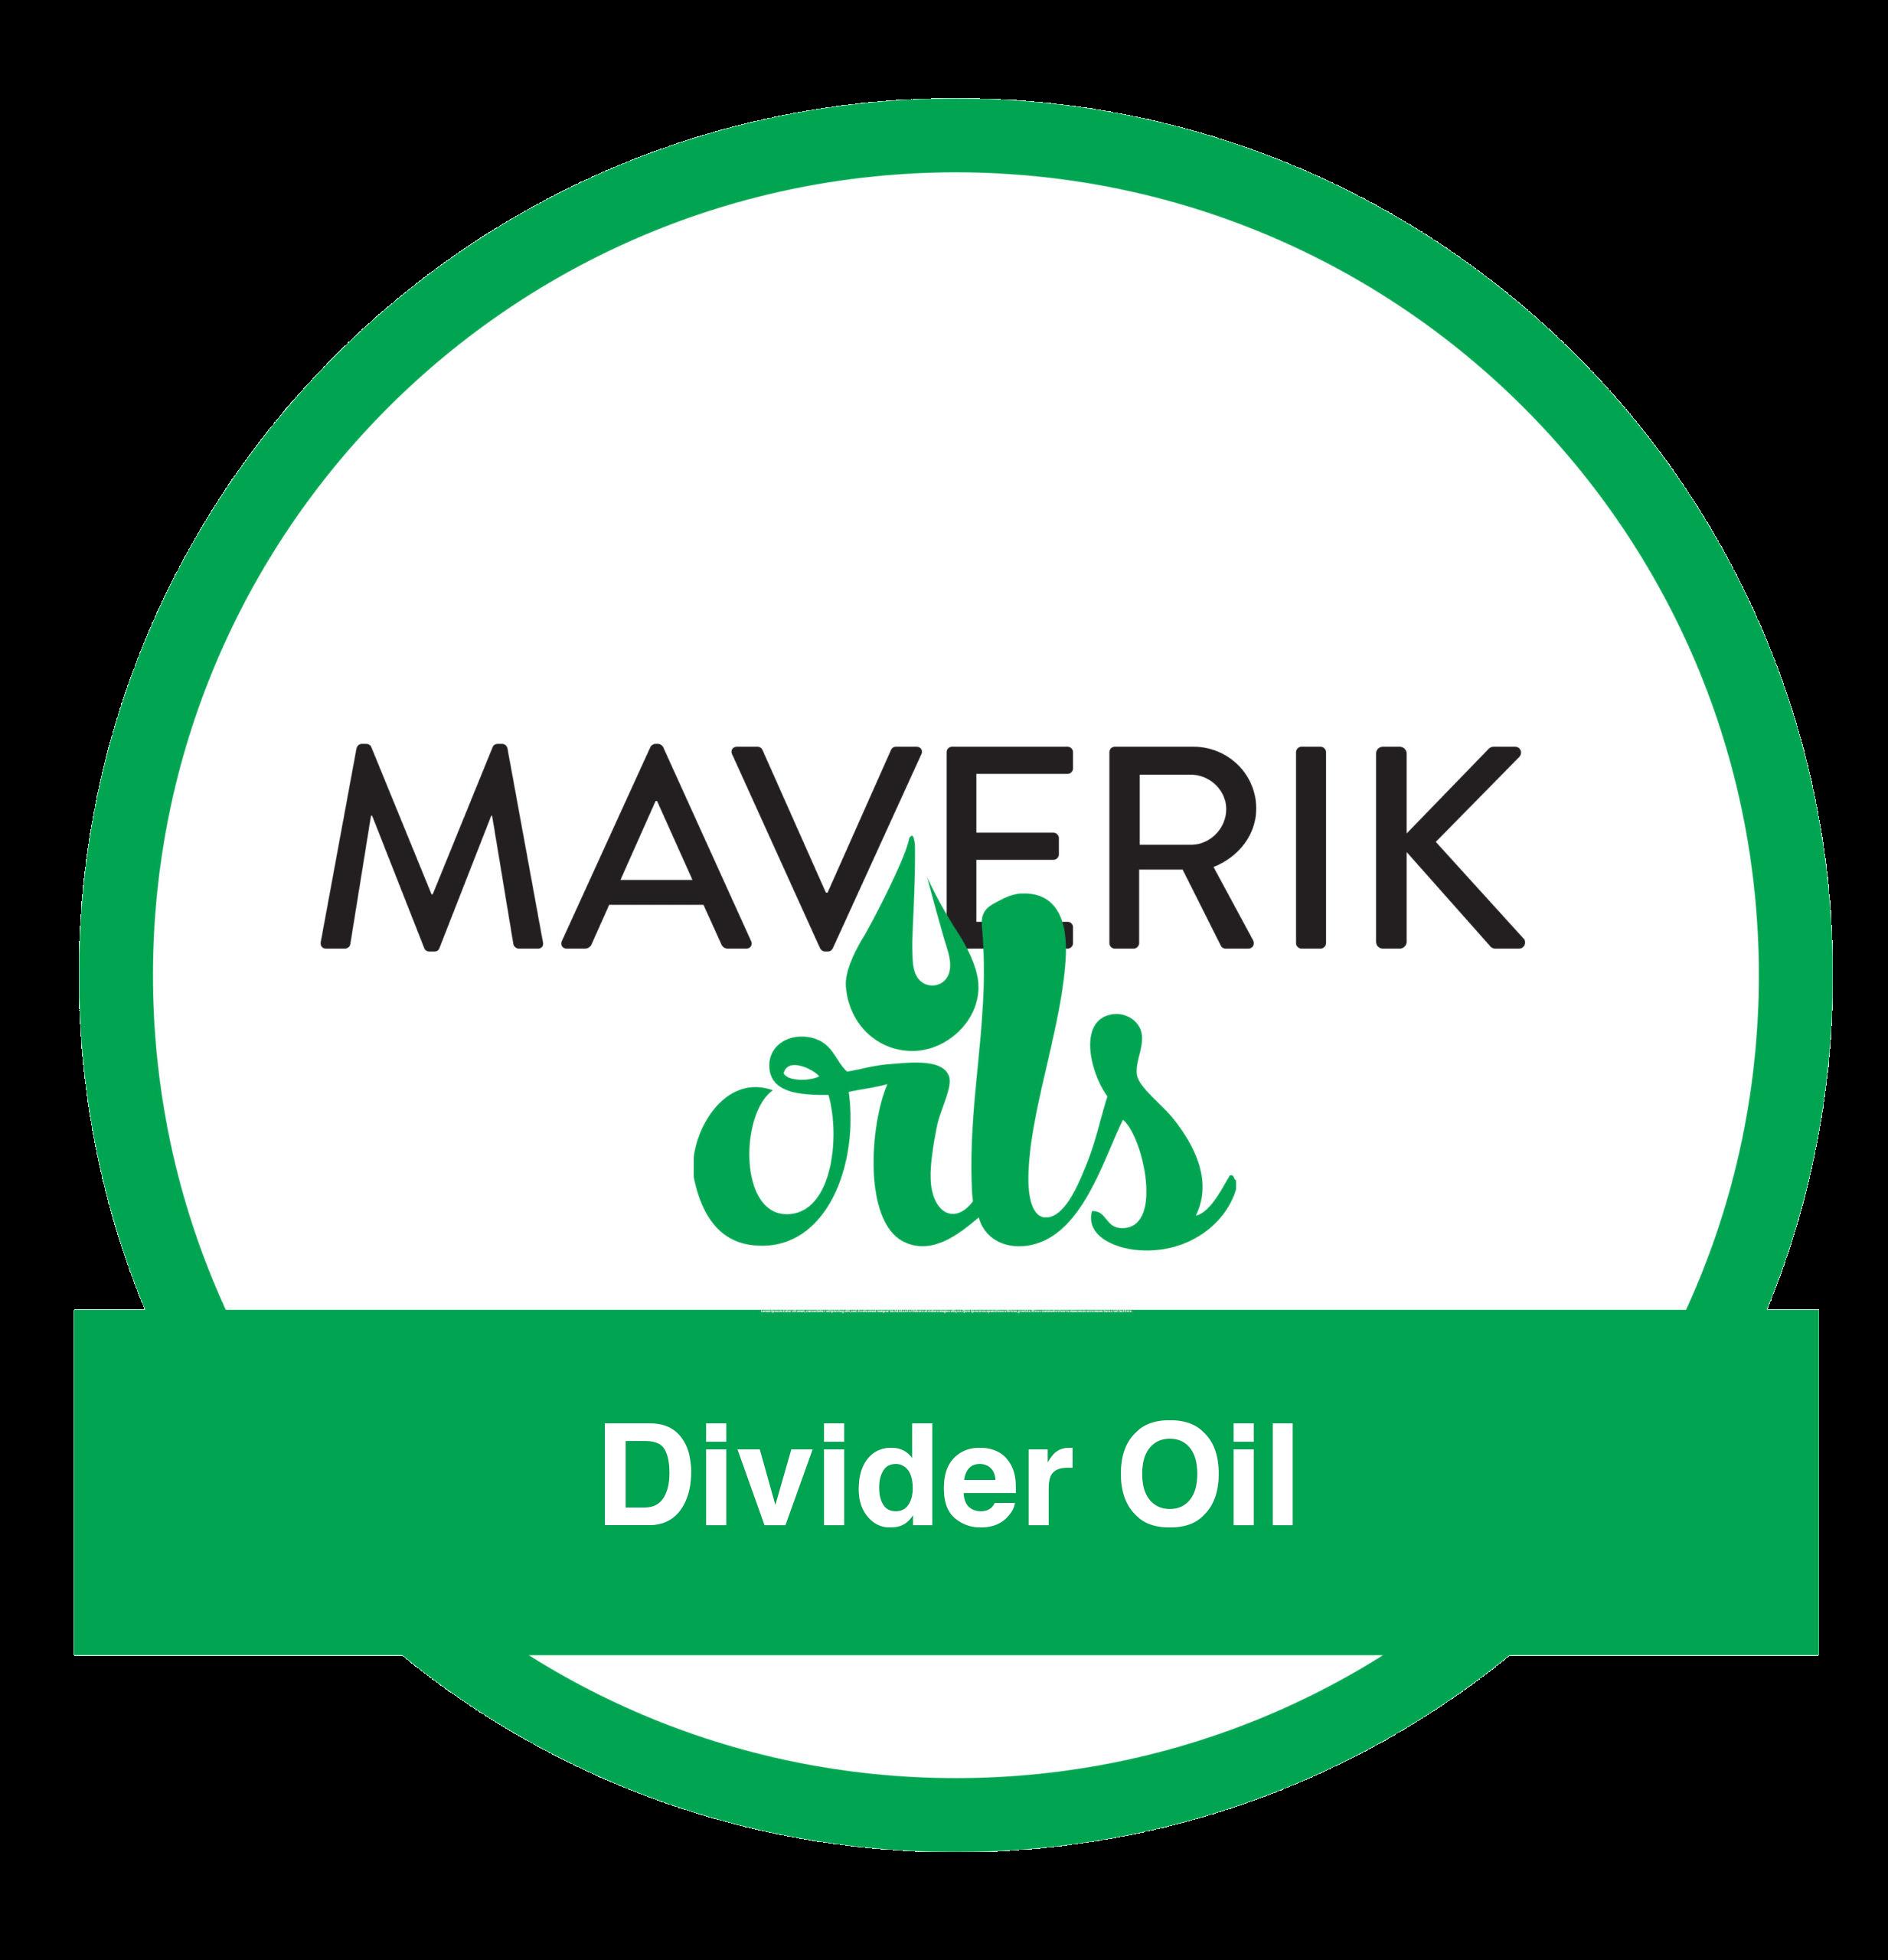 Divider Oil